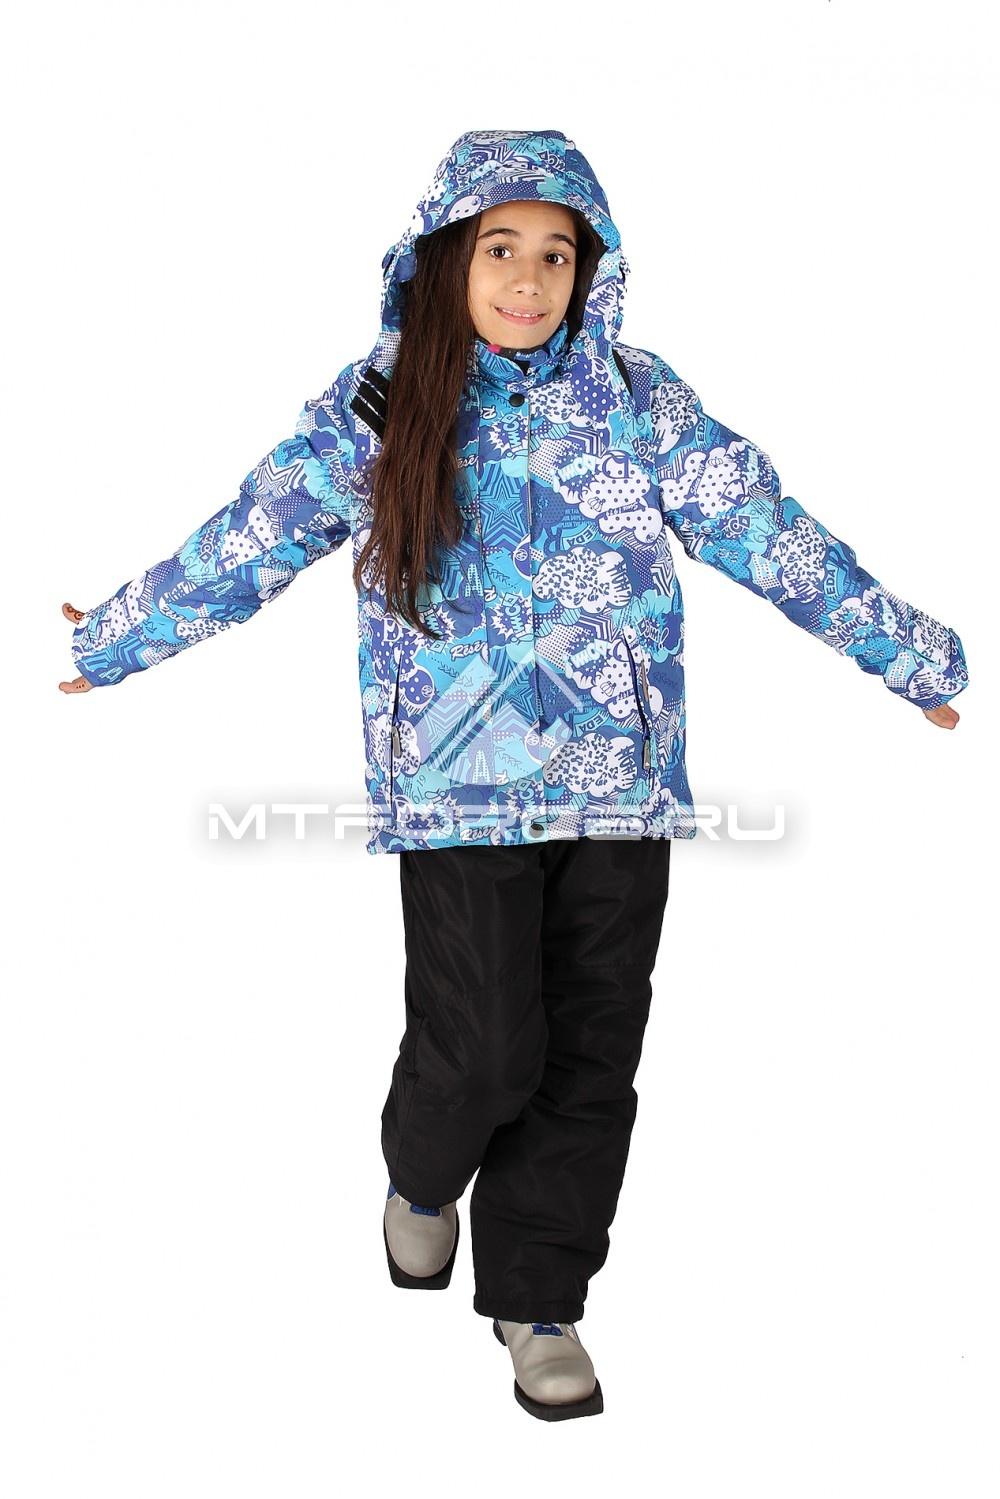 Купить                                  оптом Костюм горнолыжный  для девочки синего цвета 601S